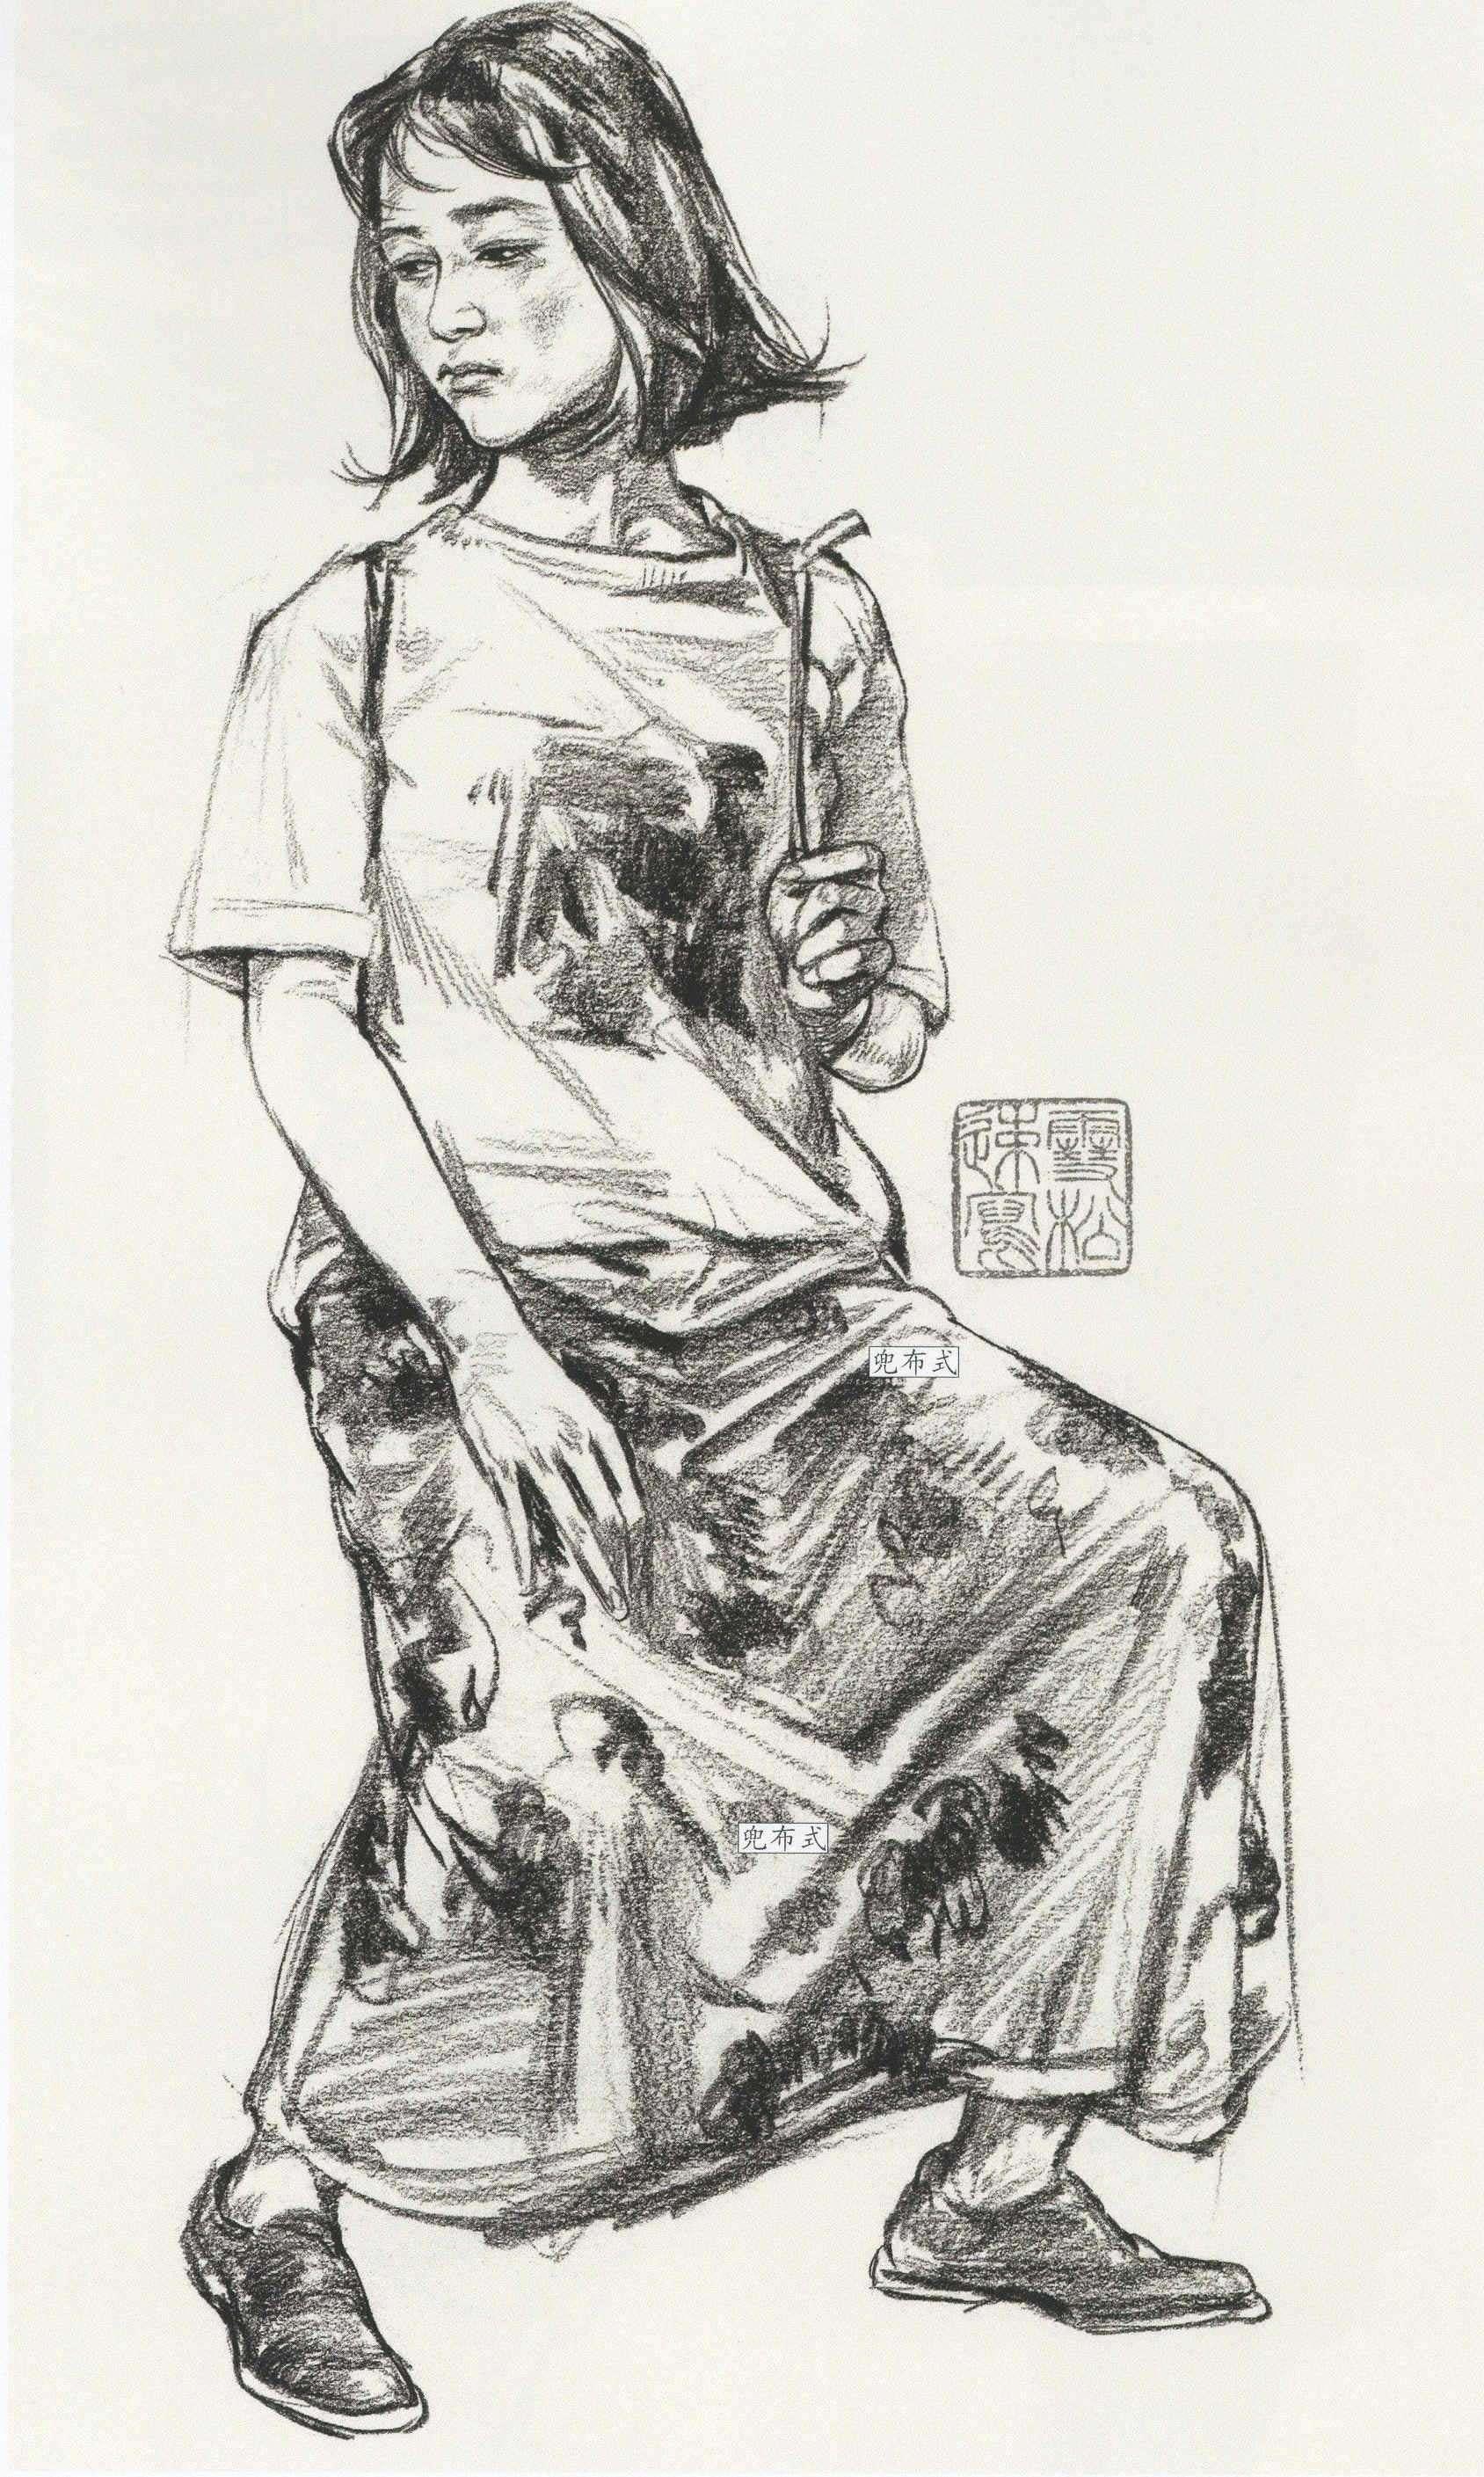 漏斗式衣服速写 褶皱衣物裙摆速写案例